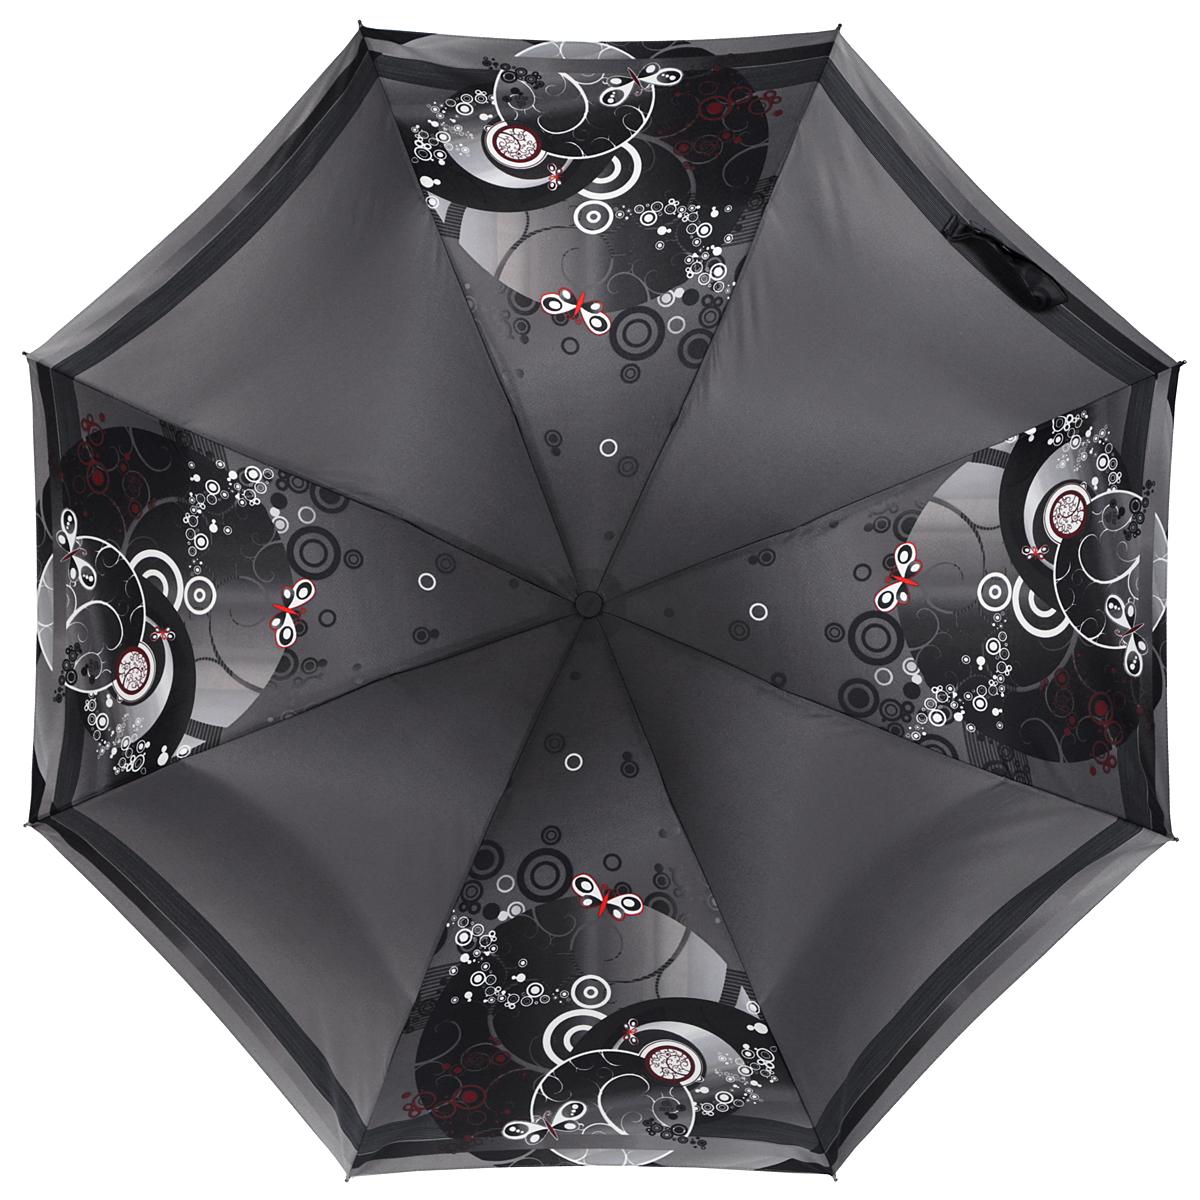 Зонт женский Zest, автомат, 3 сложения, цвет: серый. 23926-003223926-0032Необычный автоматический зонт Zest в 3 сложения изготовлен из высокопрочных материалов. Каркас зонта состоит из 8 спиц и прочного алюминиевого стержня. Специальная система Windproof защищает его от поломок во время сильных порывов ветра. Купол зонта выполнен из прочного полиэстера с водоотталкивающей пропиткой и оформлен оригинальным абстрактным принтом, полосками по краям. Используемые высококачественные красители обеспечивают длительное сохранение свойств ткани купола. Рукоятка, разработанная с учетом требований эргономики, выполнена из пластика. Зонт имеет полный автоматический механизм сложения: купол открывается и закрывается нажатием кнопки на рукоятке, стержень складывается вручную до характерного щелчка. Благодаря этому открыть и закрыть зонт можно одной рукой, что чрезвычайно удобно при входе в транспорт или помещение. Небольшой шнурок, расположенный на рукоятке, позволяет надеть изделие на руку при необходимости. Модель закрывается при помощи хлястика на...